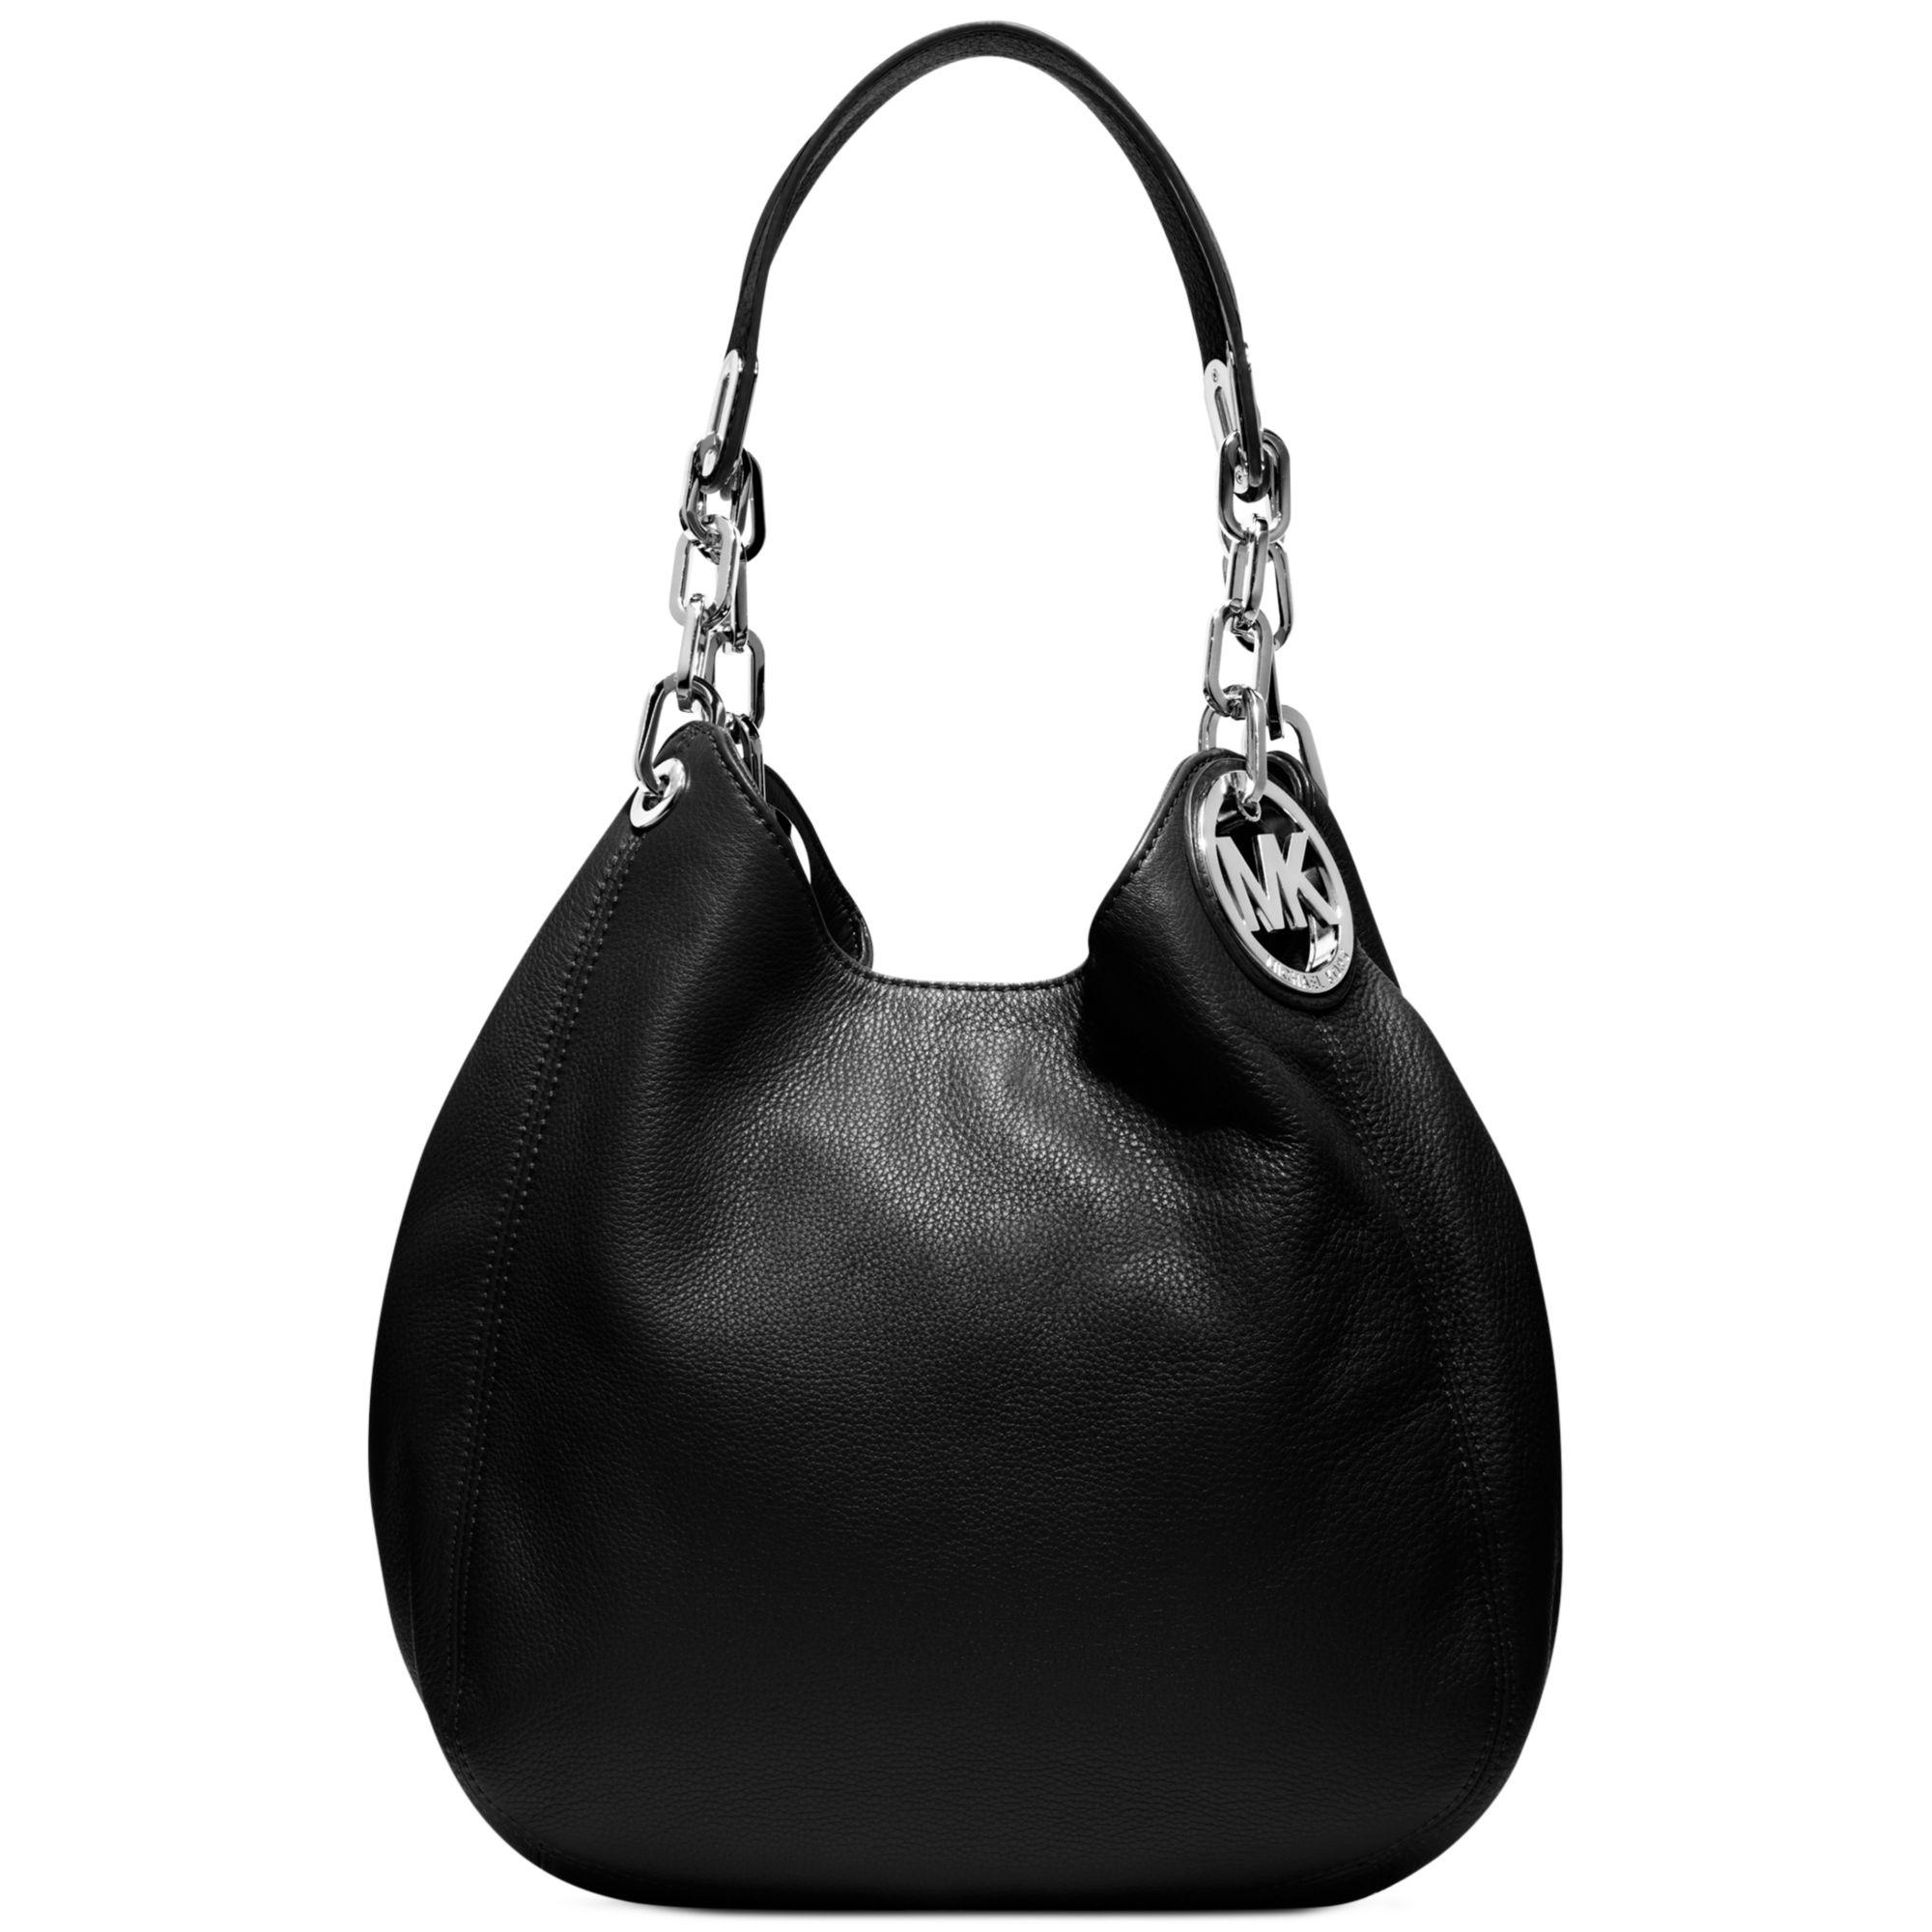 lyst michael kors fulton medium shoulder bag in black. Black Bedroom Furniture Sets. Home Design Ideas